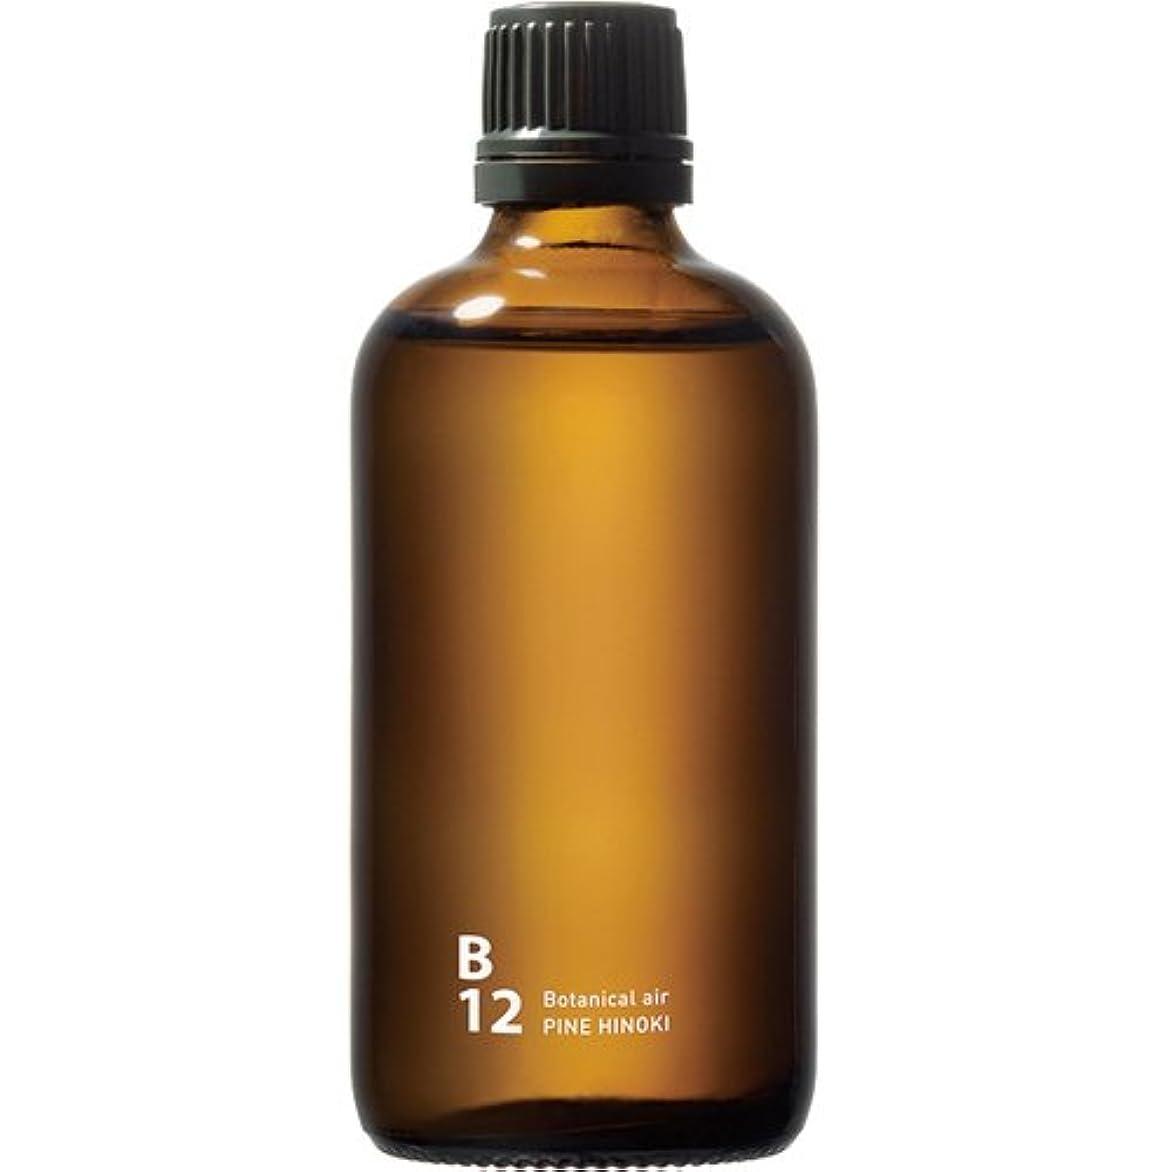 オーブンギャンブル鋭くB12 PINE HINOKI piezo aroma oil 100ml